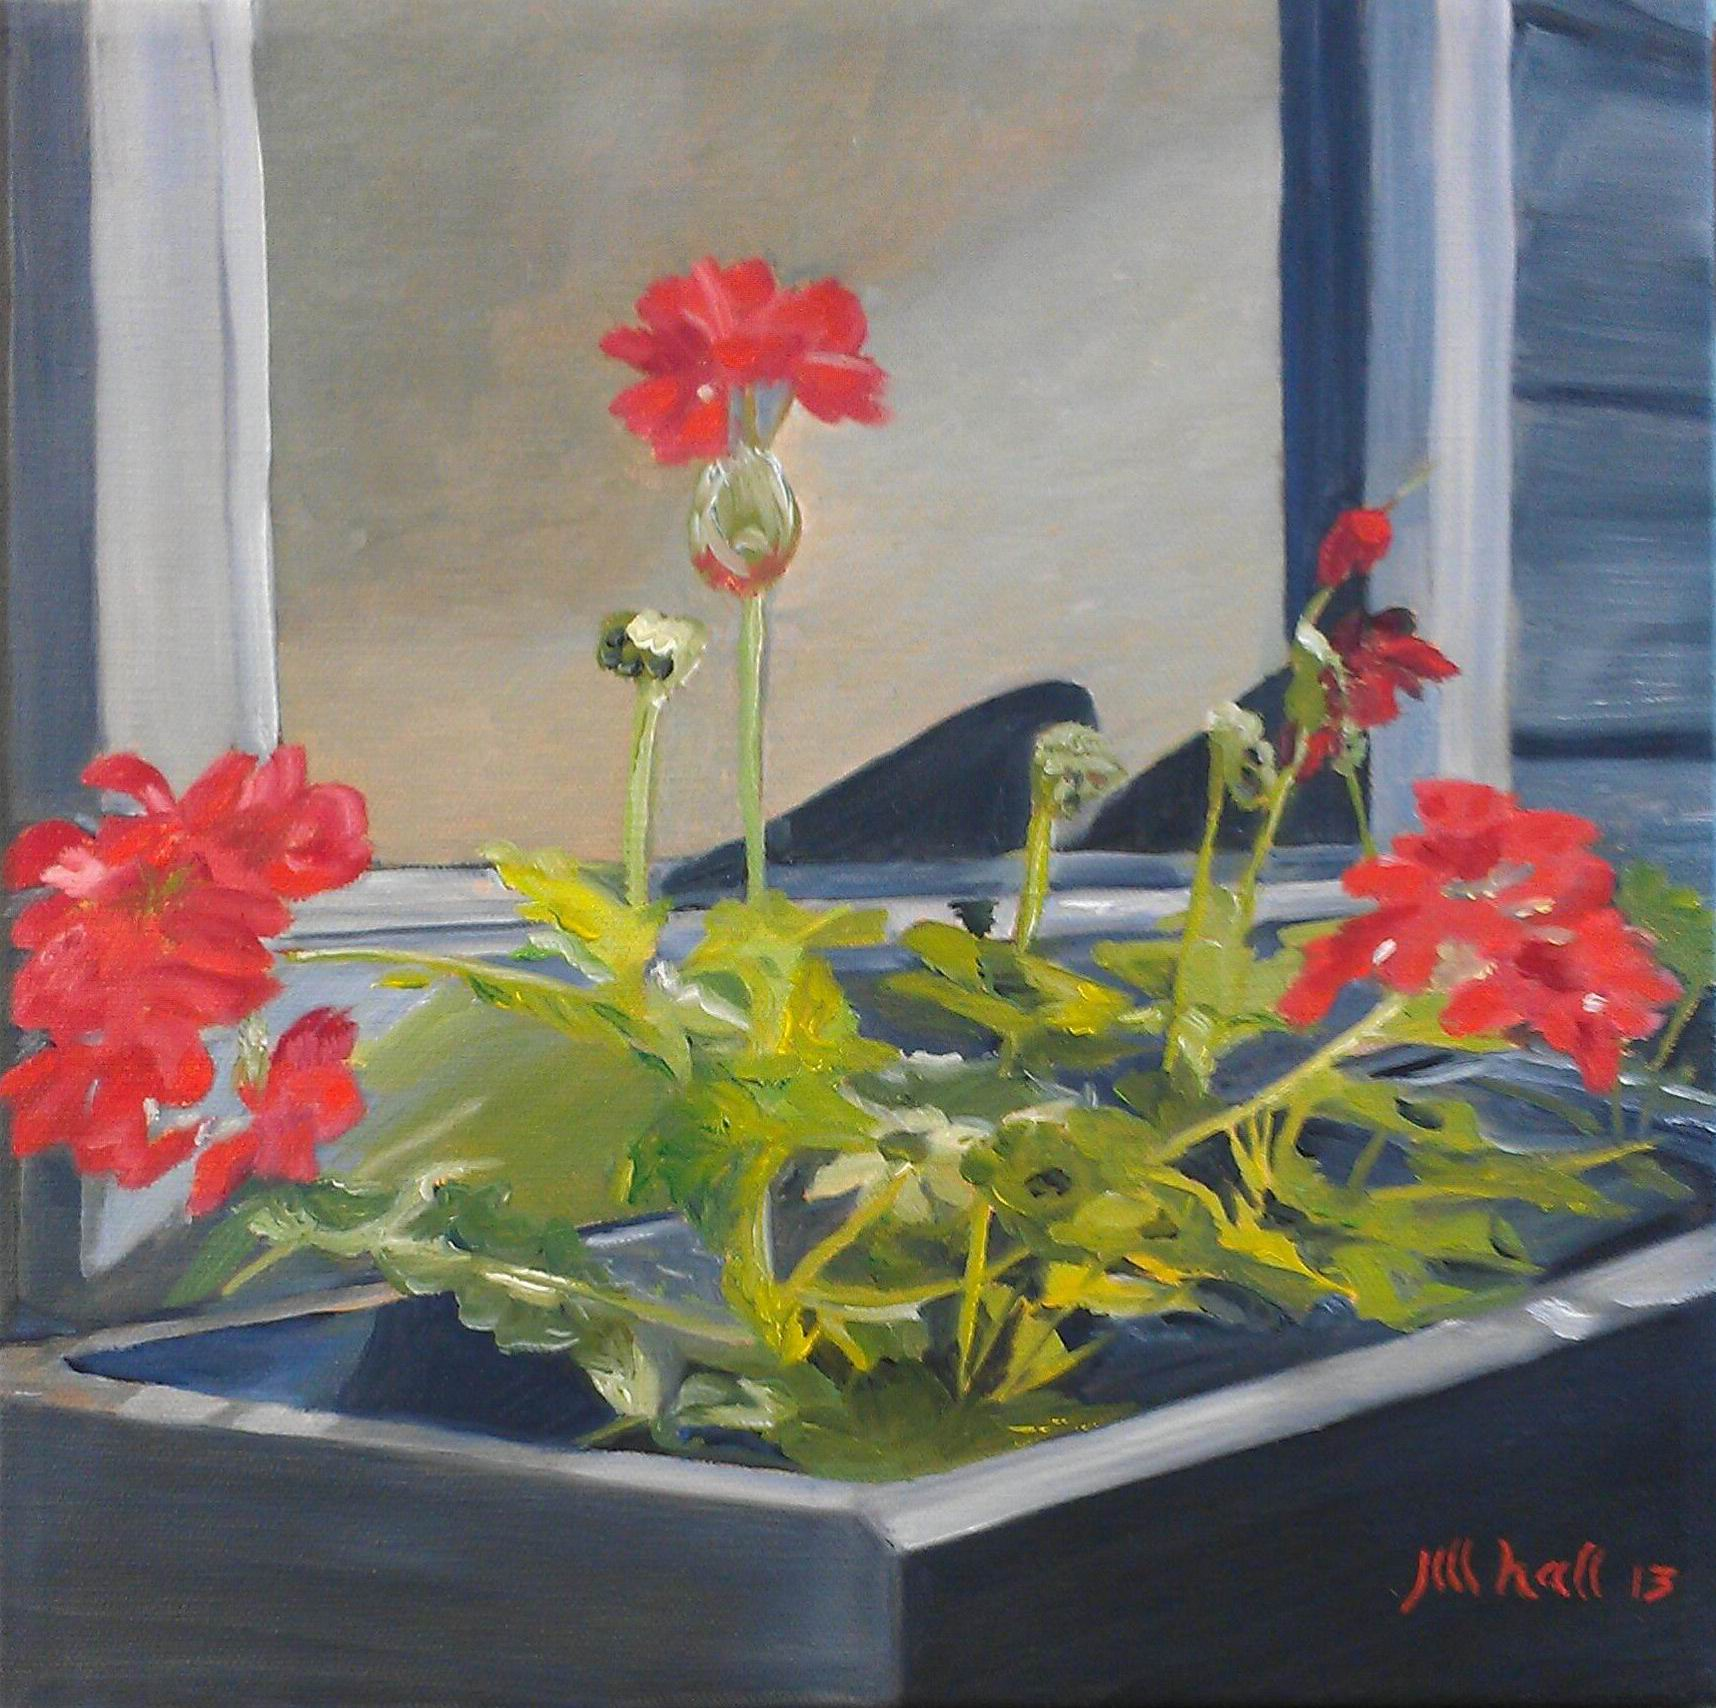 Jill's Geraniums - 12x12